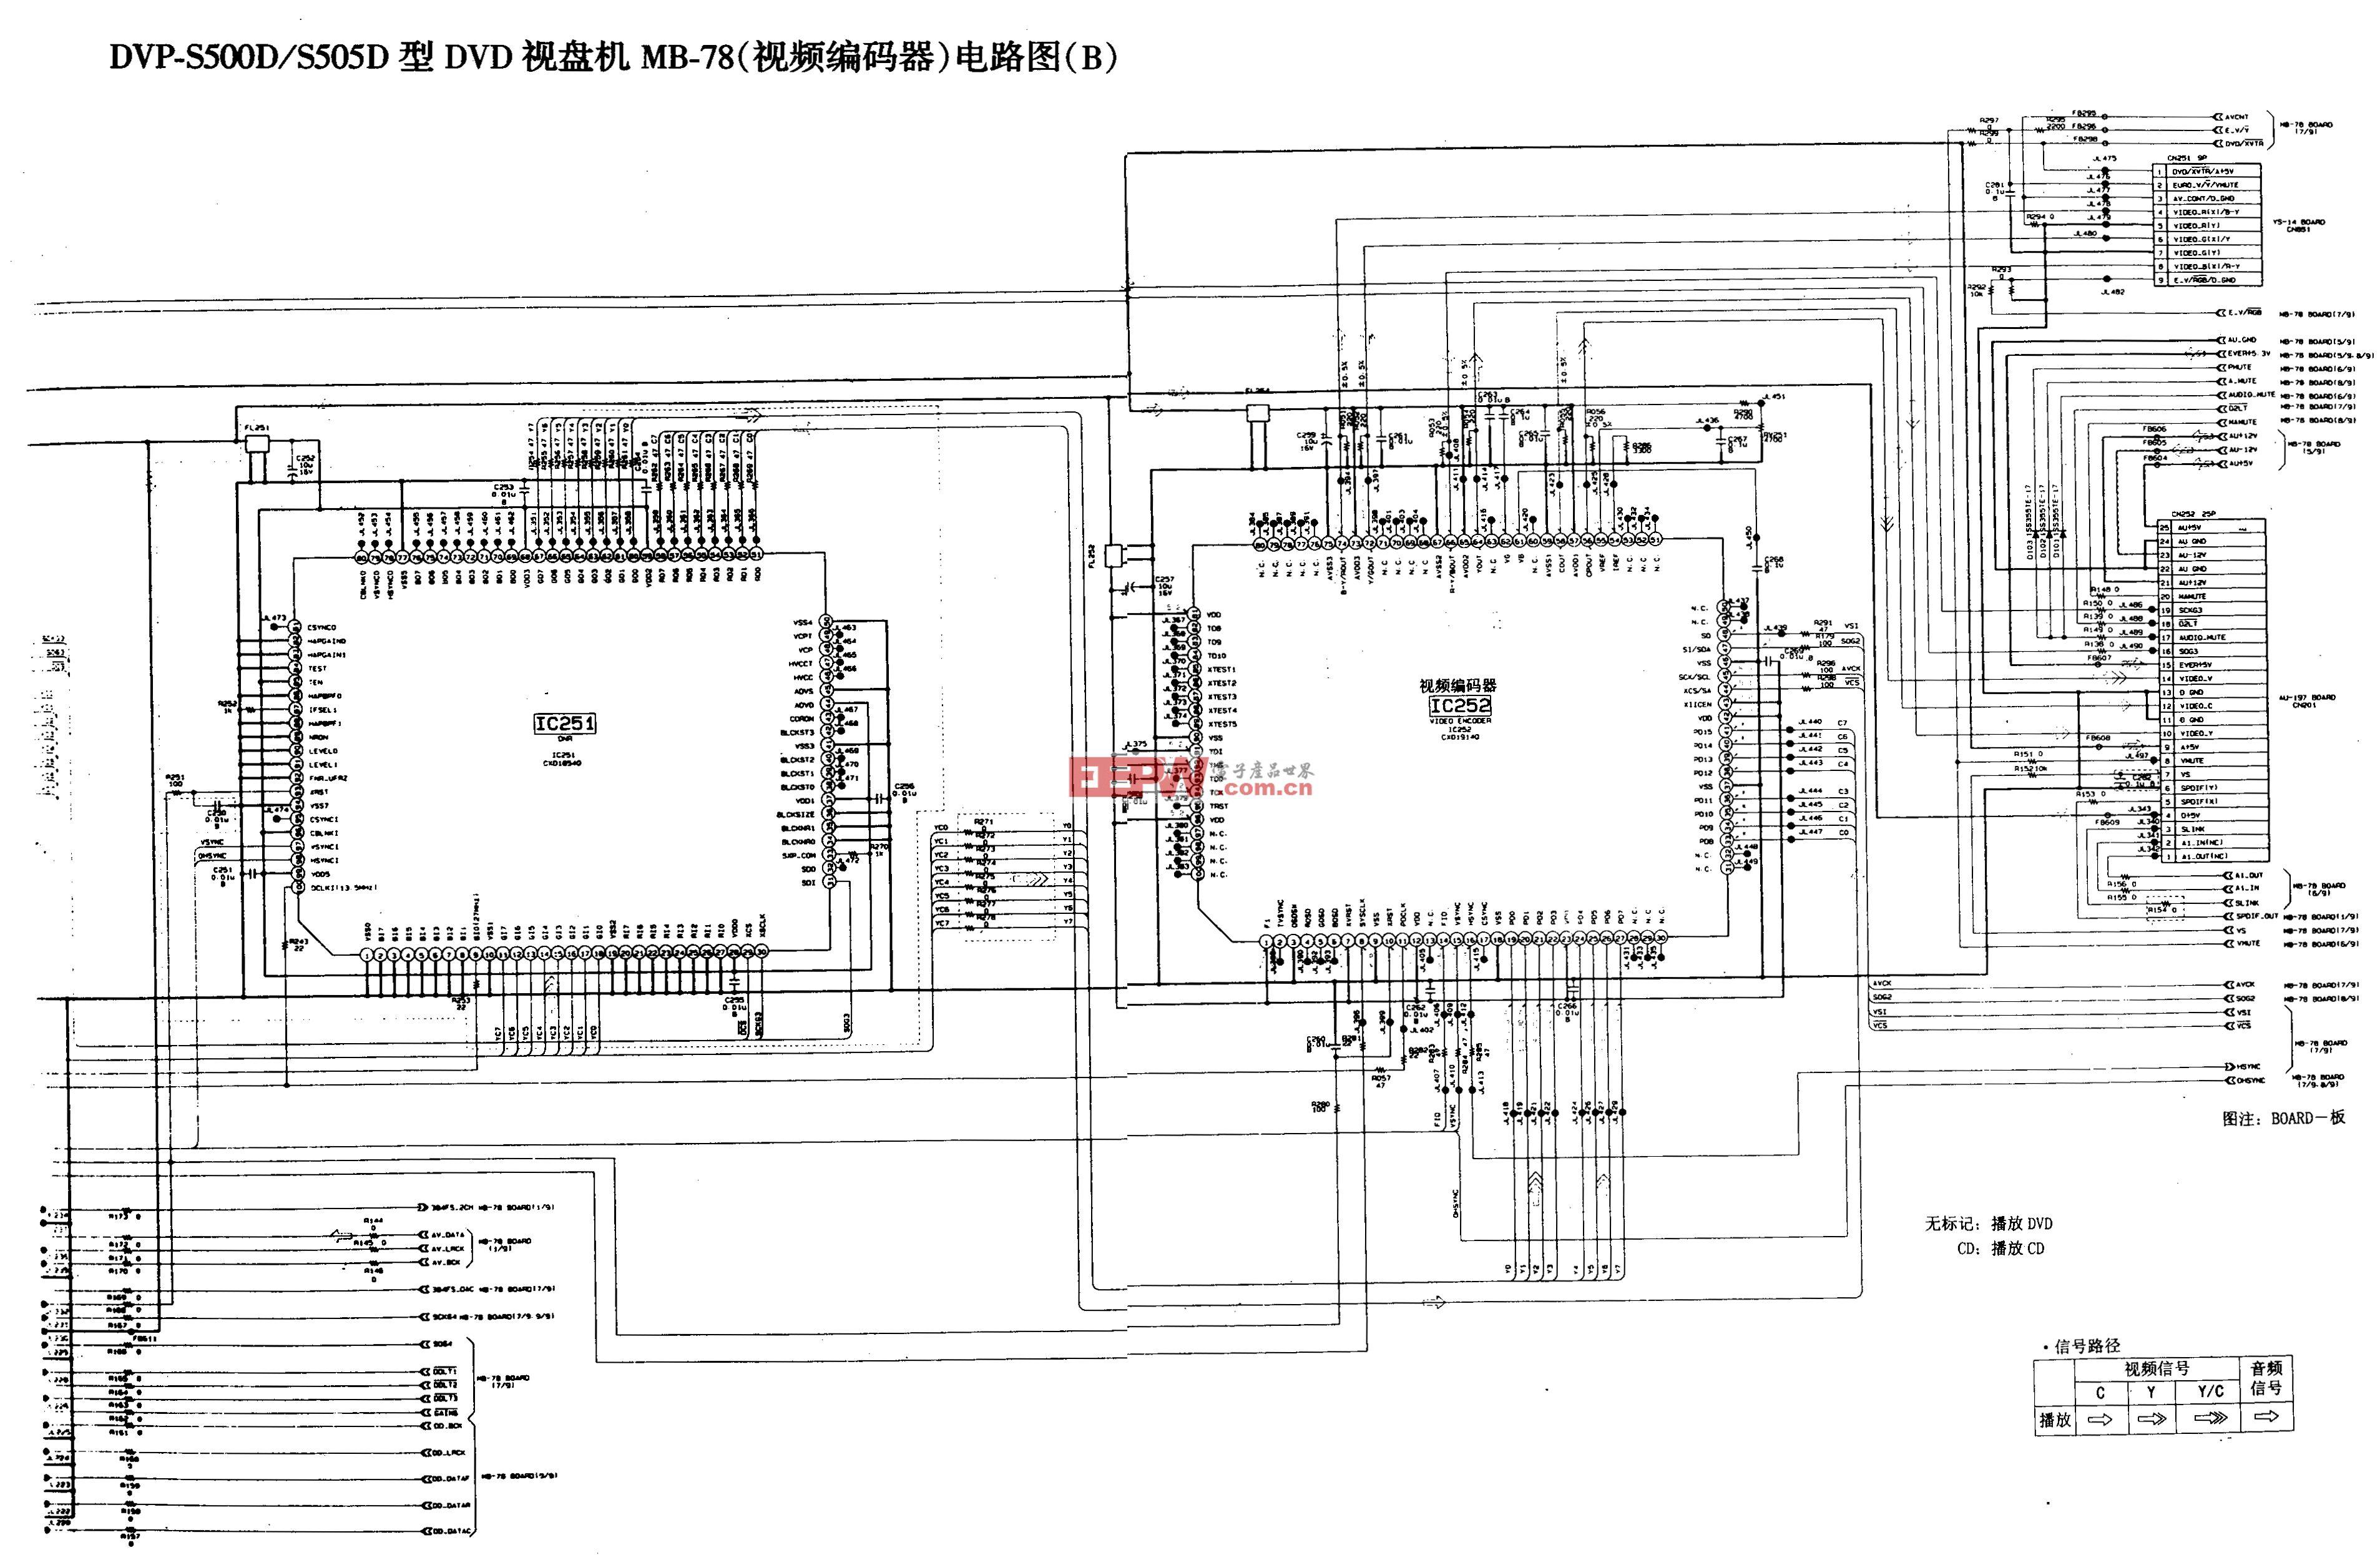 SONY DVP-S500D/S505D型DVD-ARP,L门阵列,解密电路图A